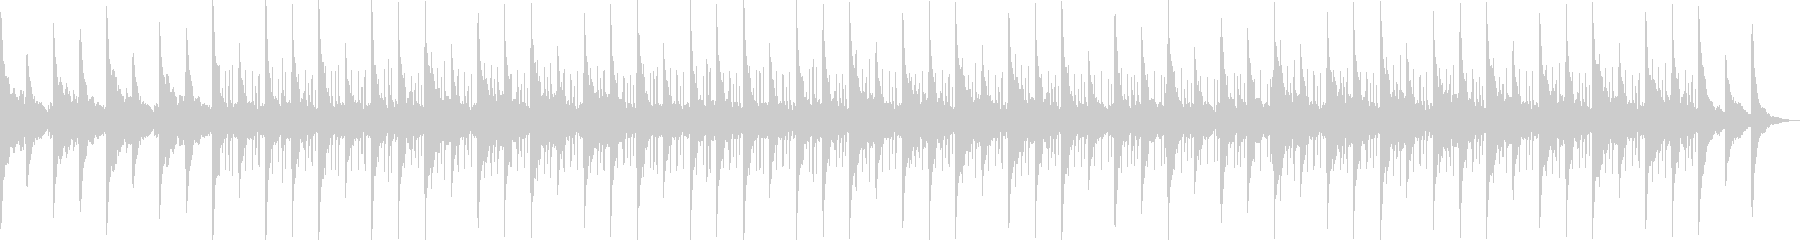 チルアウト・切ないローファイヒップホップの未再生の波形